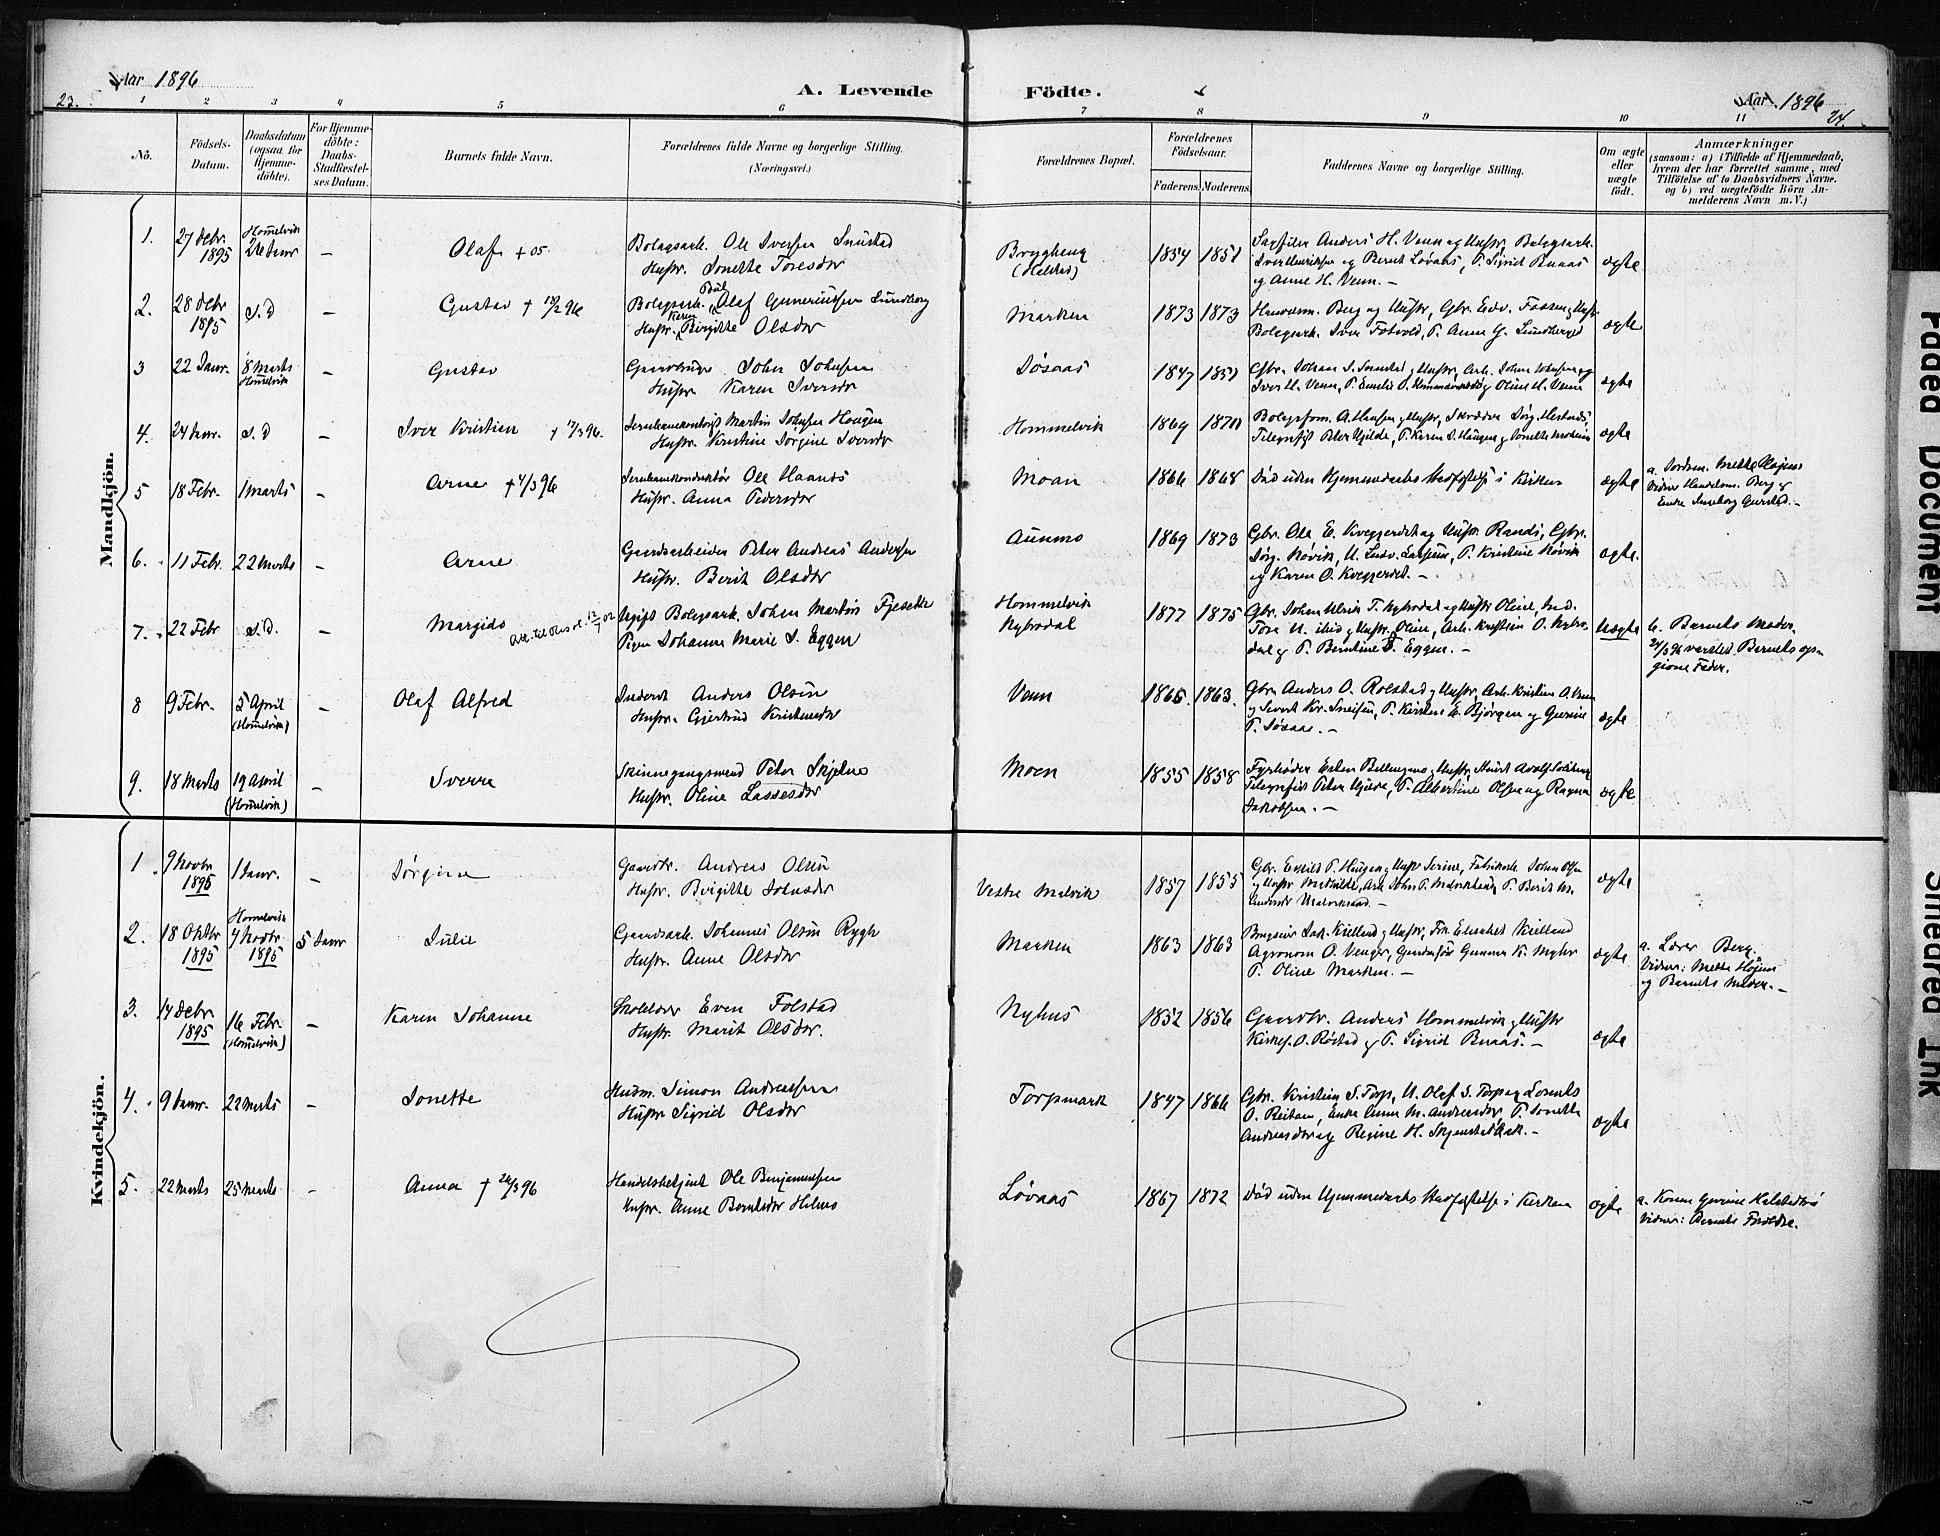 SAT, Ministerialprotokoller, klokkerbøker og fødselsregistre - Sør-Trøndelag, 616/L0411: Ministerialbok nr. 616A08, 1894-1906, s. 23-24